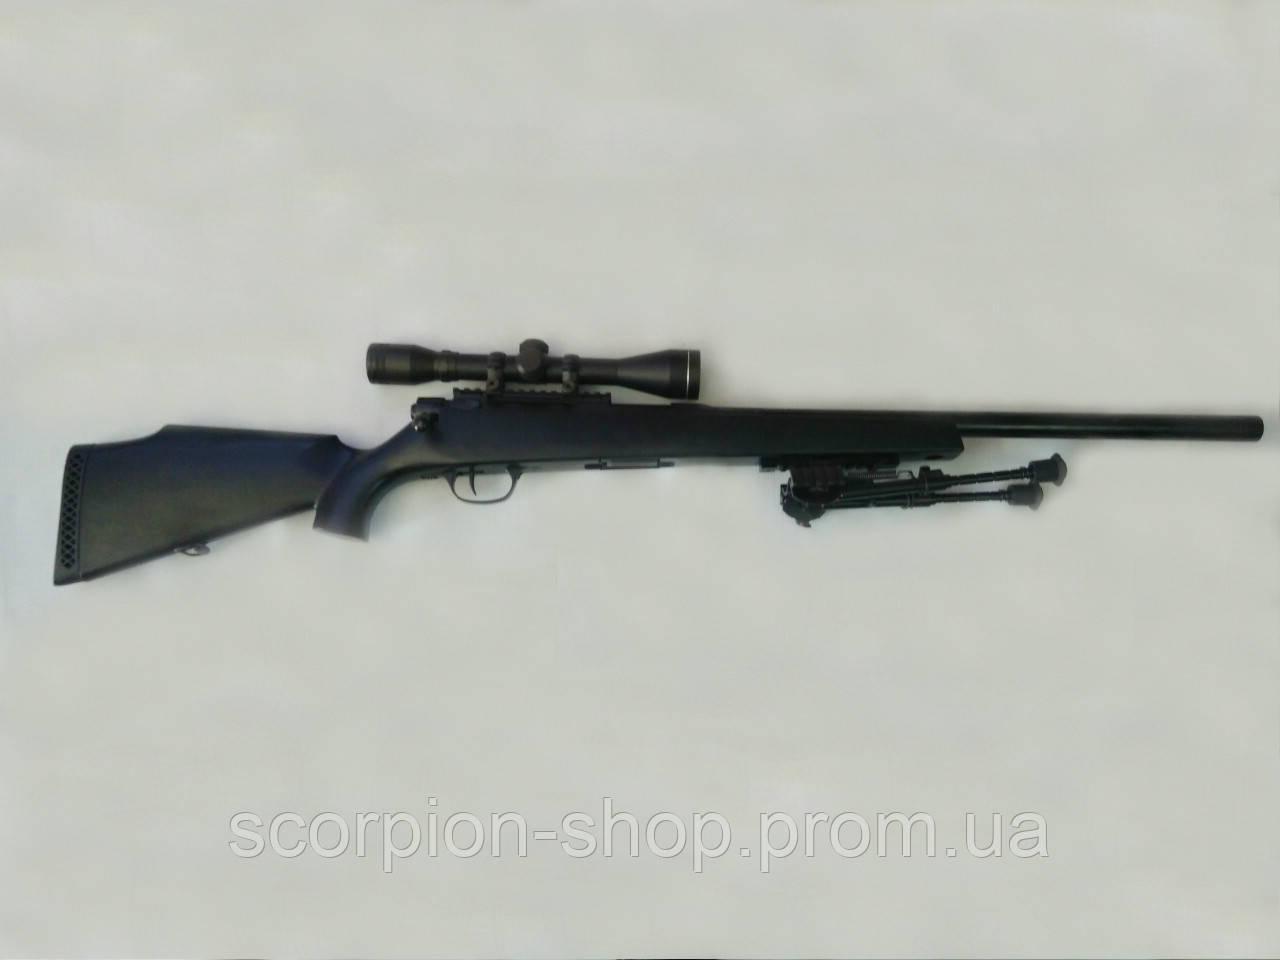 Страйкбольный привод UMAREX TOKYO SOLDIER TS SX9 DB 6мм